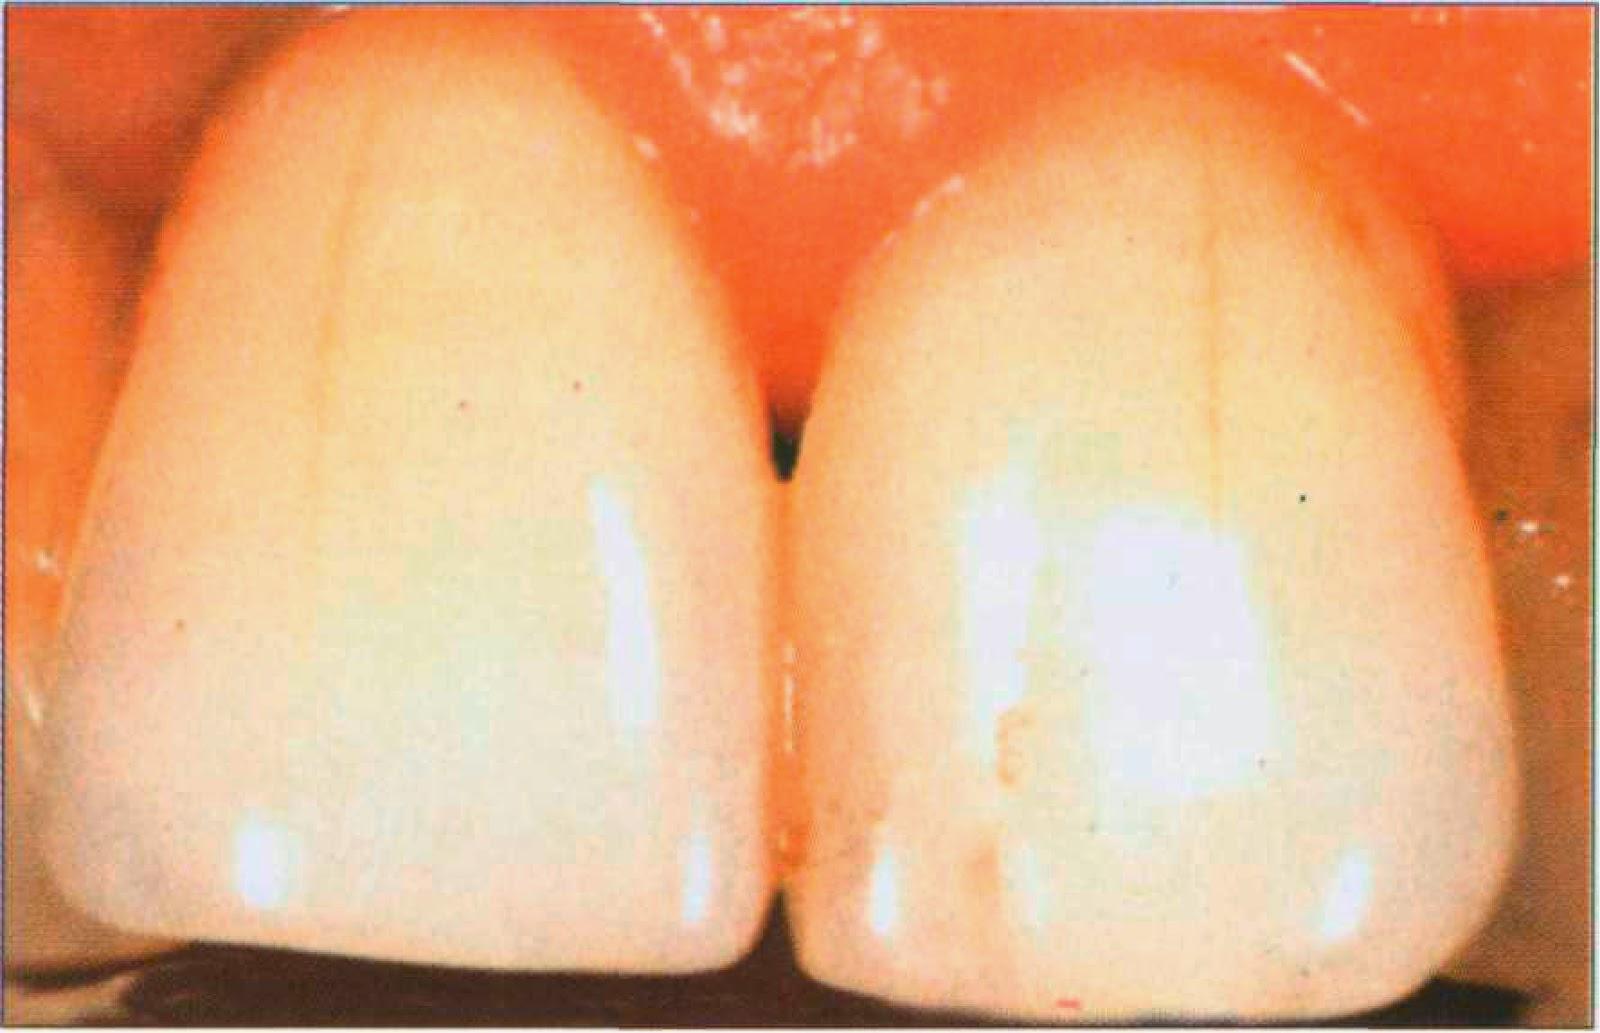 сколько стоит отбеливание зубов в вологде